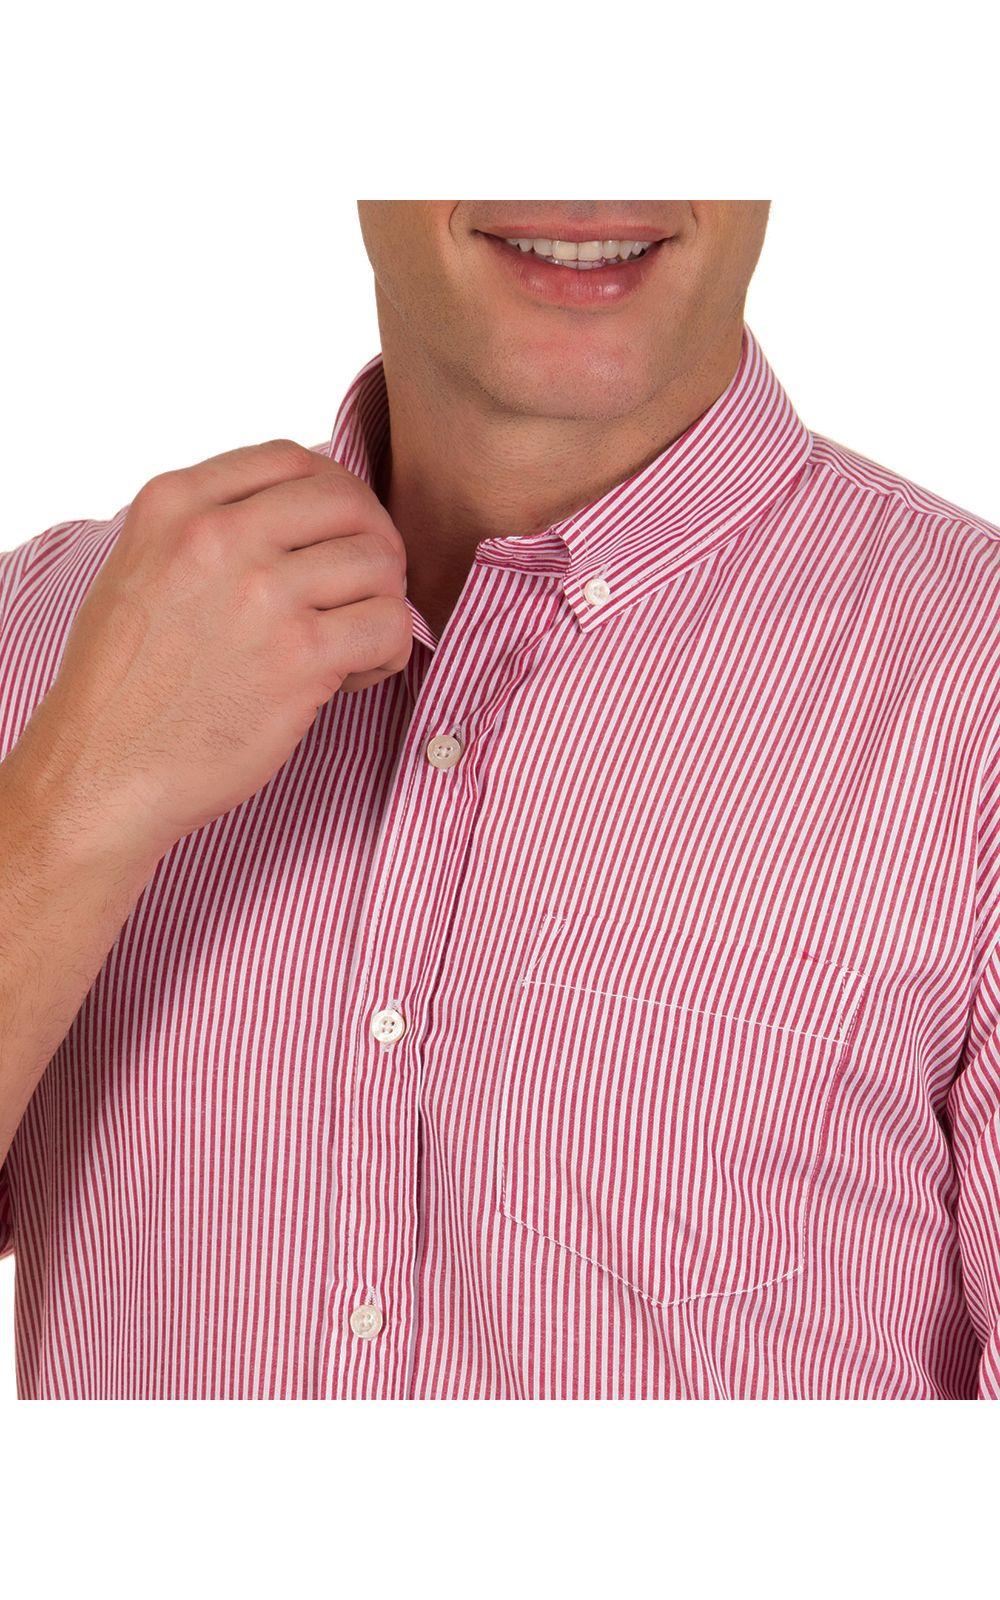 Foto 3 - Camisa Social Masculina Vermelho Listrada